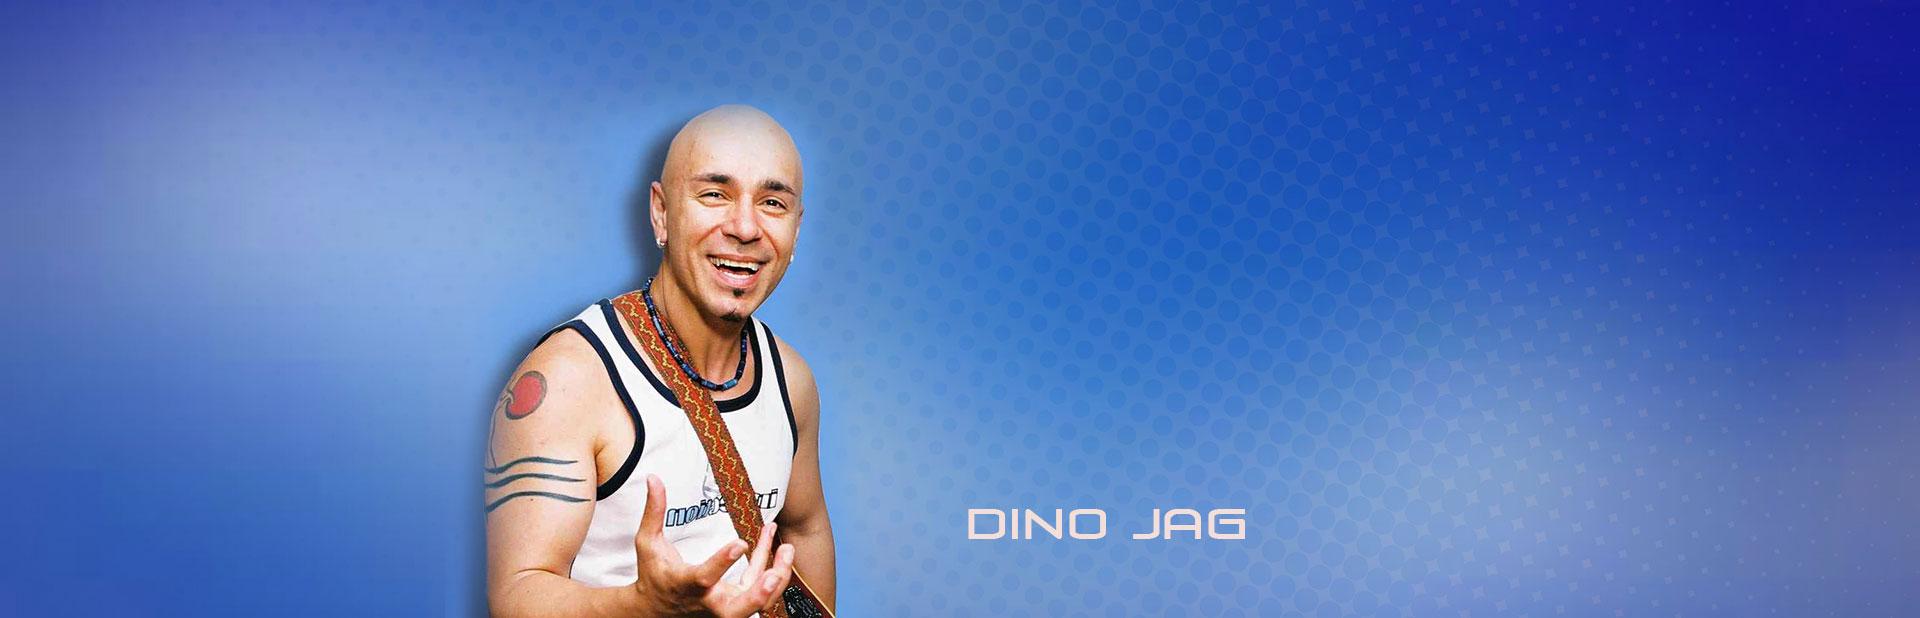 Dino Jag